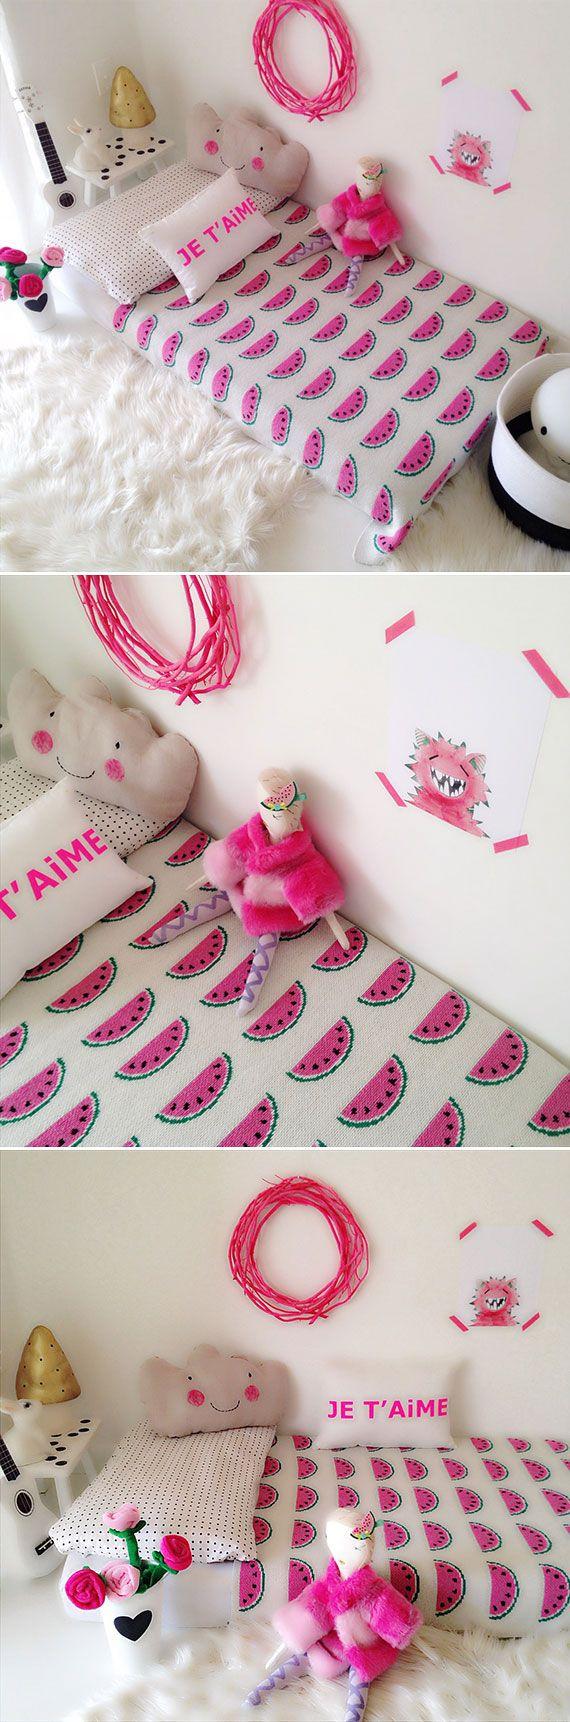 una hermosa habitación para niña que aprovecha el fucsia para dar toques de color vibrantes en una habitación blanca. #habitacionesparaniñas #habitacionesinfantiles